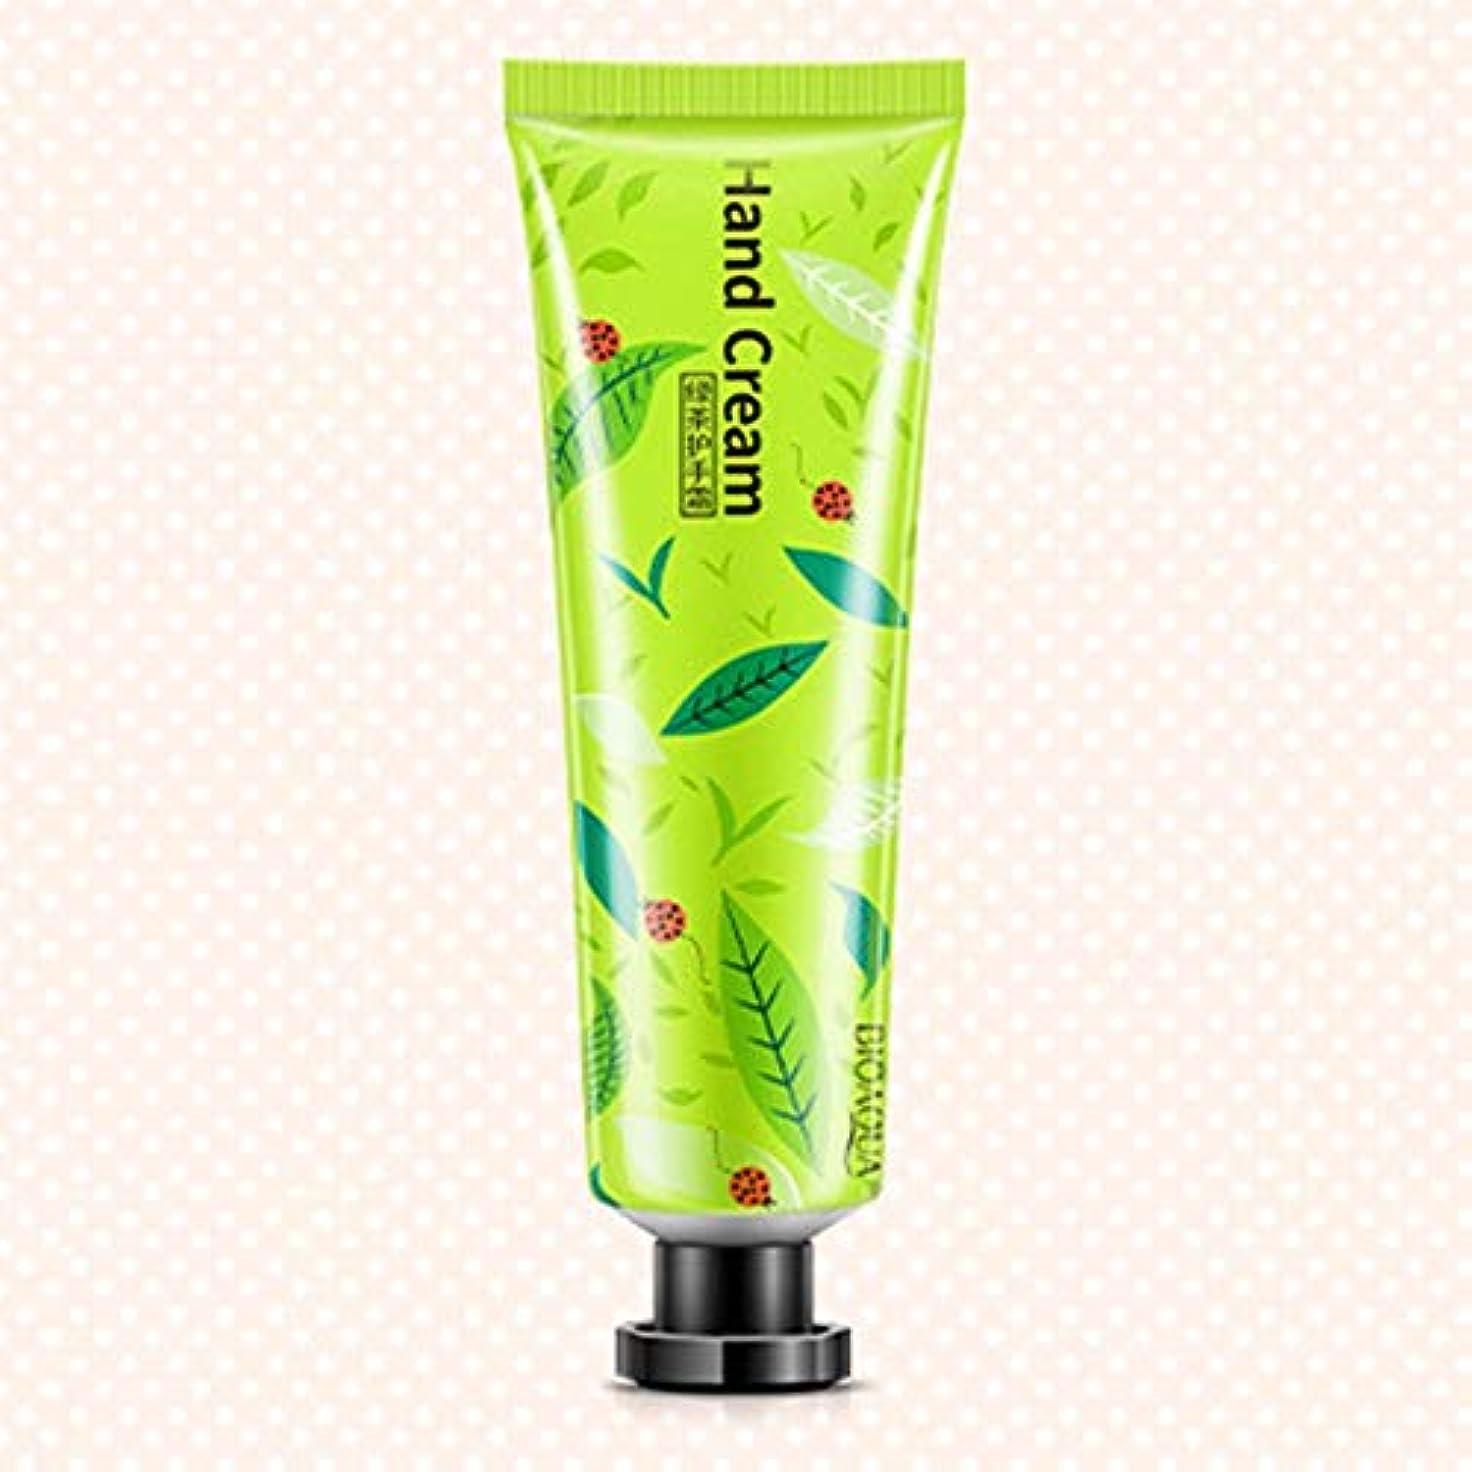 シャープ価値せっかちハンドクリーム、30 g保湿植物エキスの香りの水和、ハンドケア用